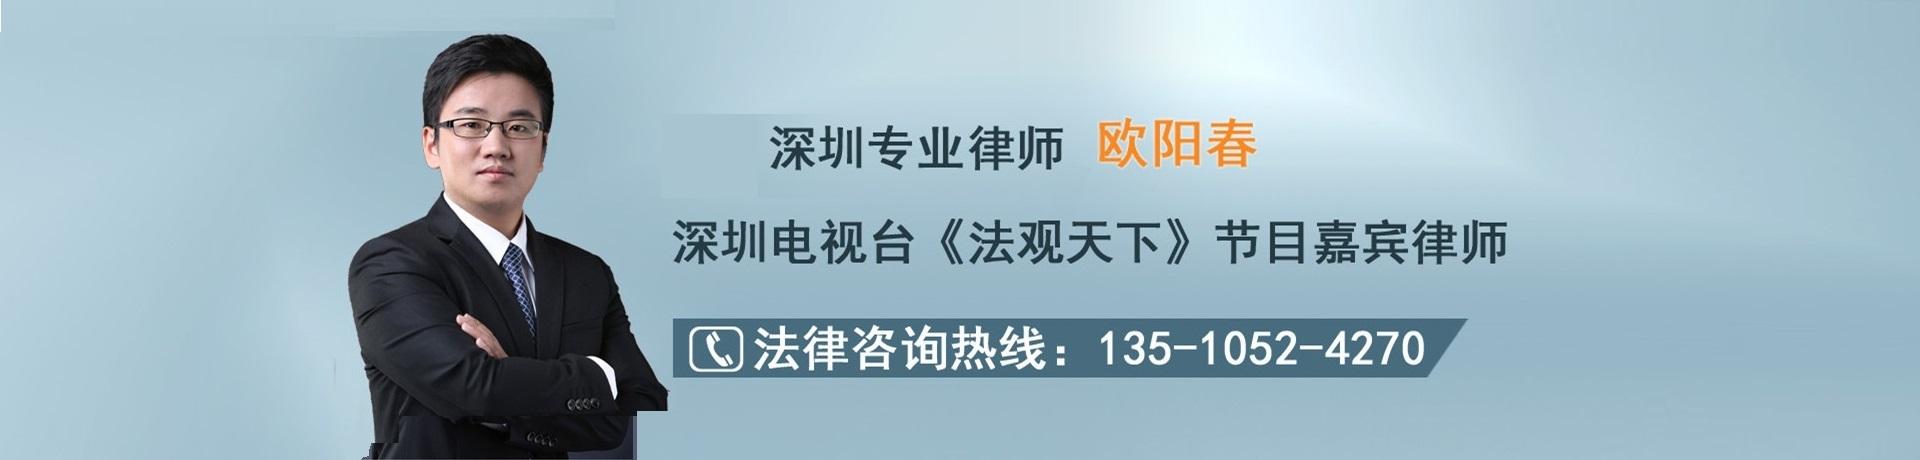 深圳商标律师大图一